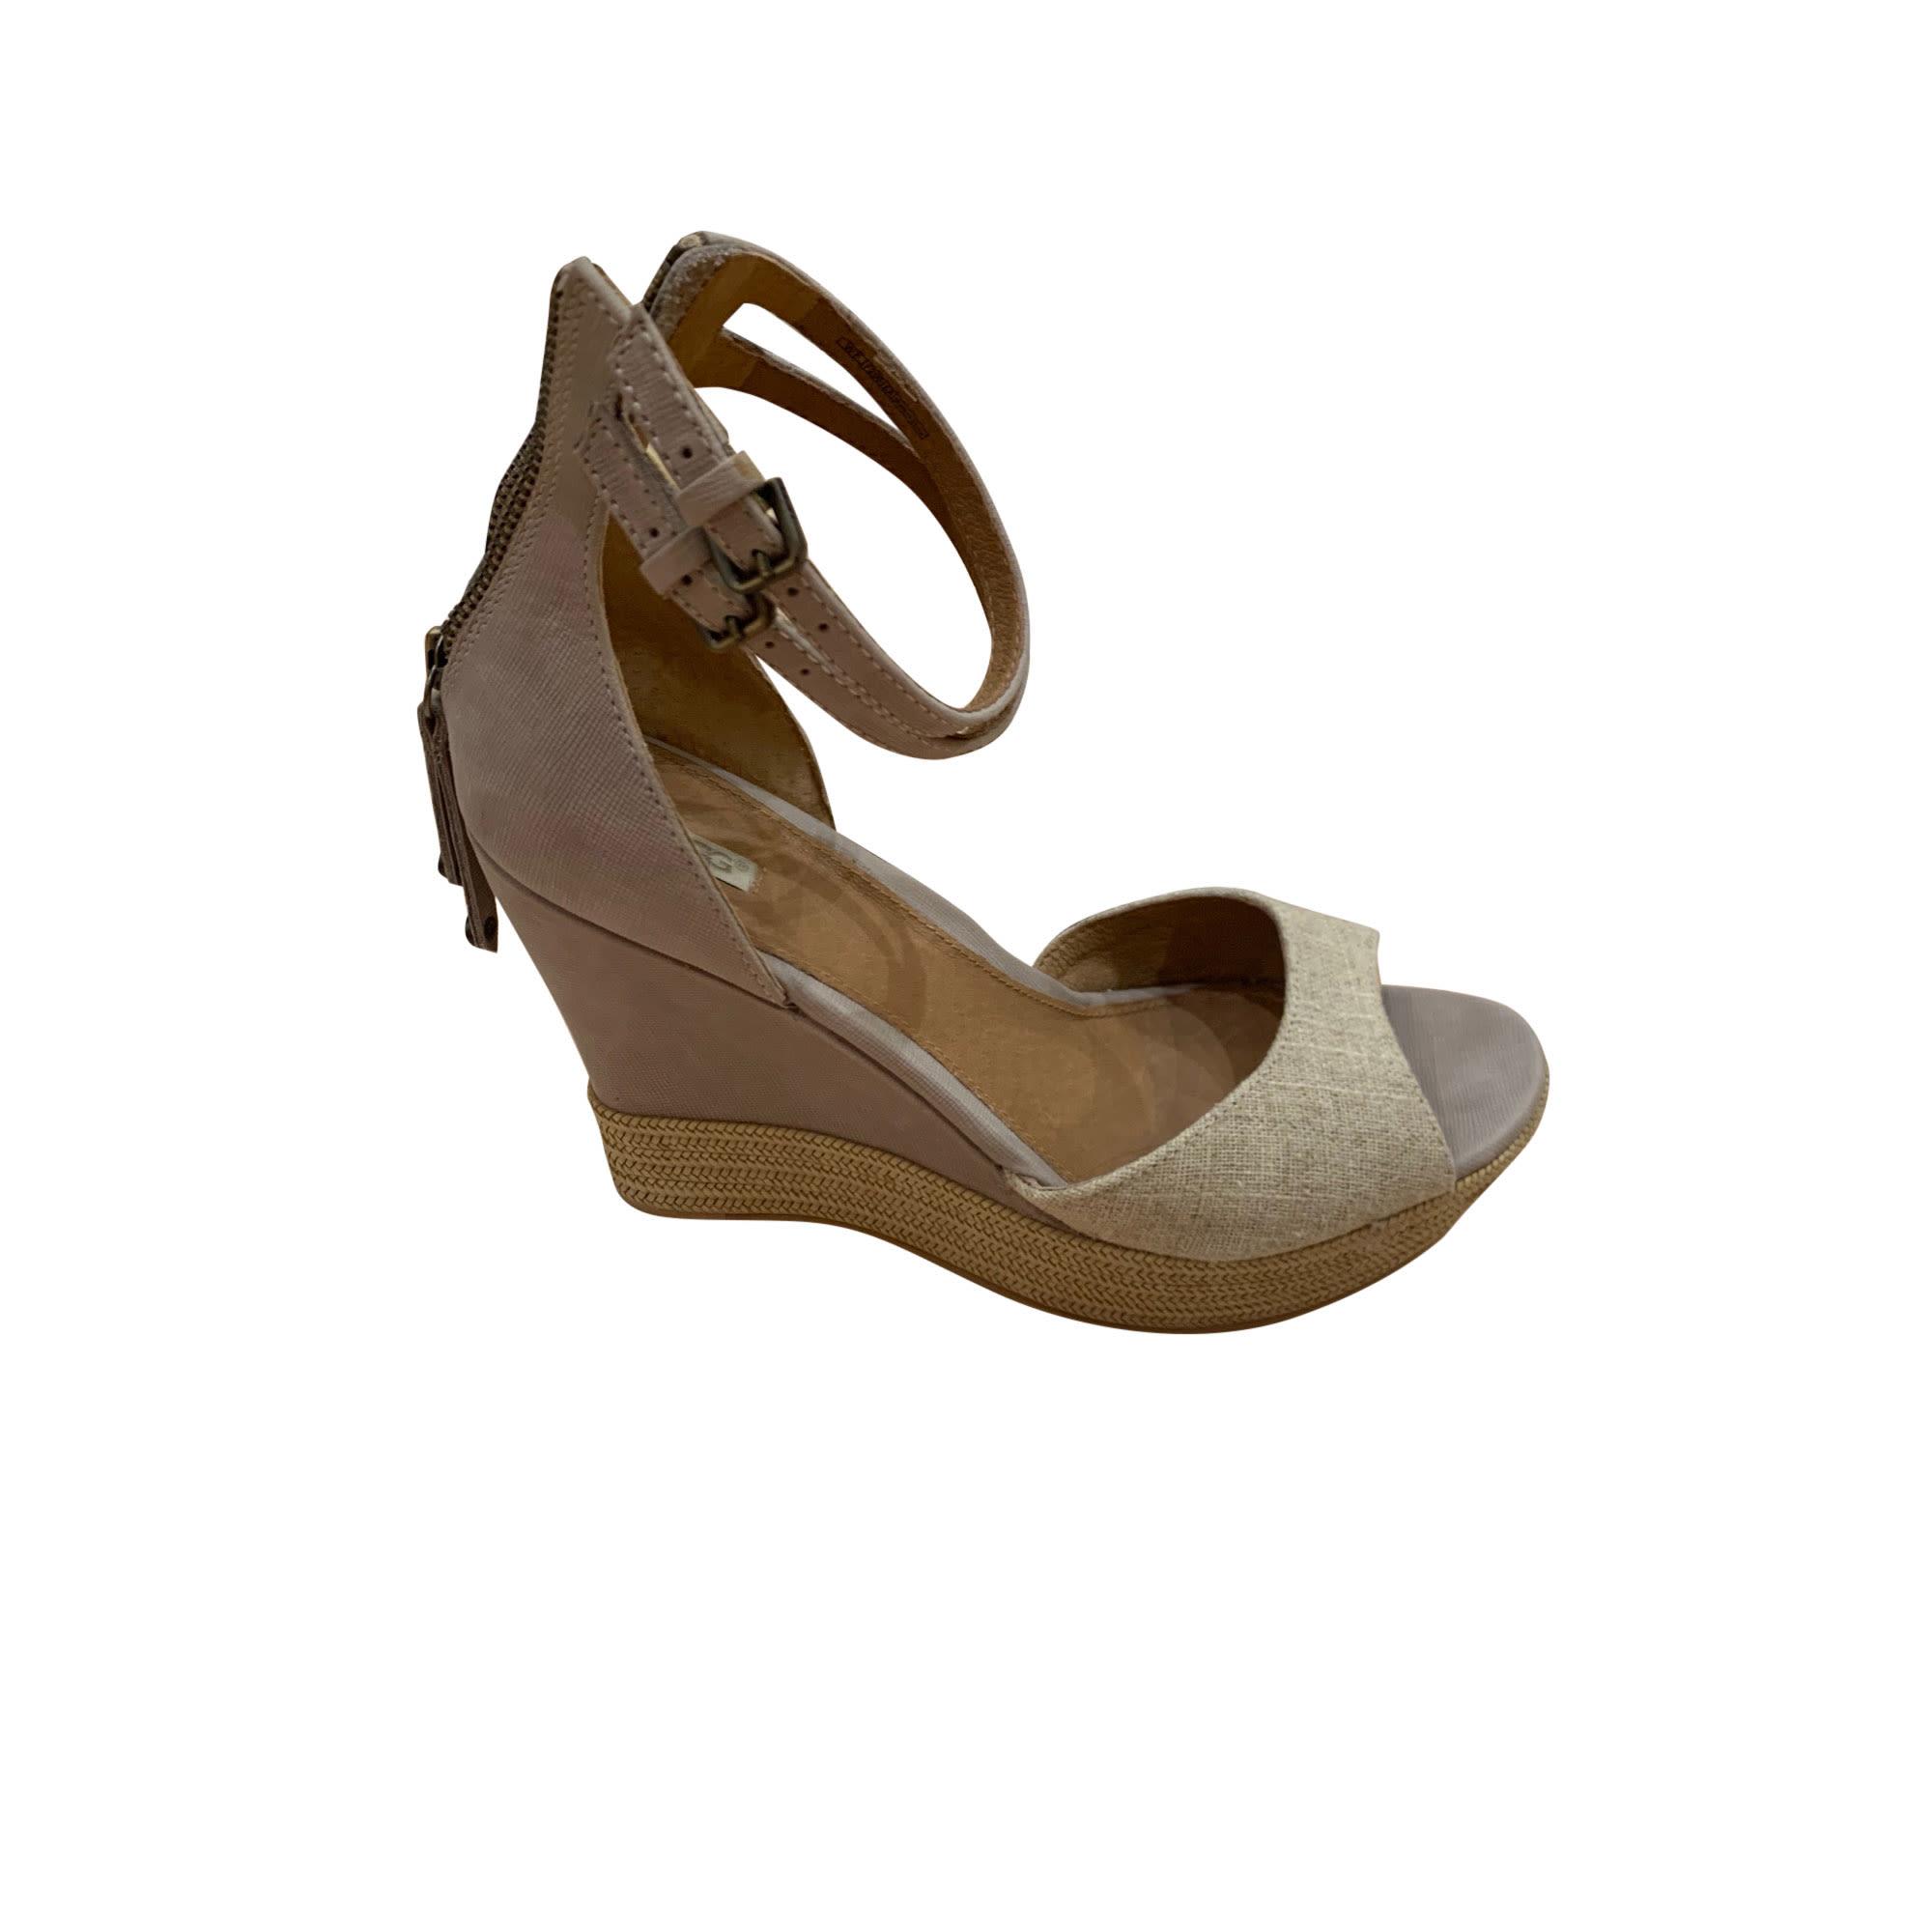 Sandales compensées UGG Beige, camel